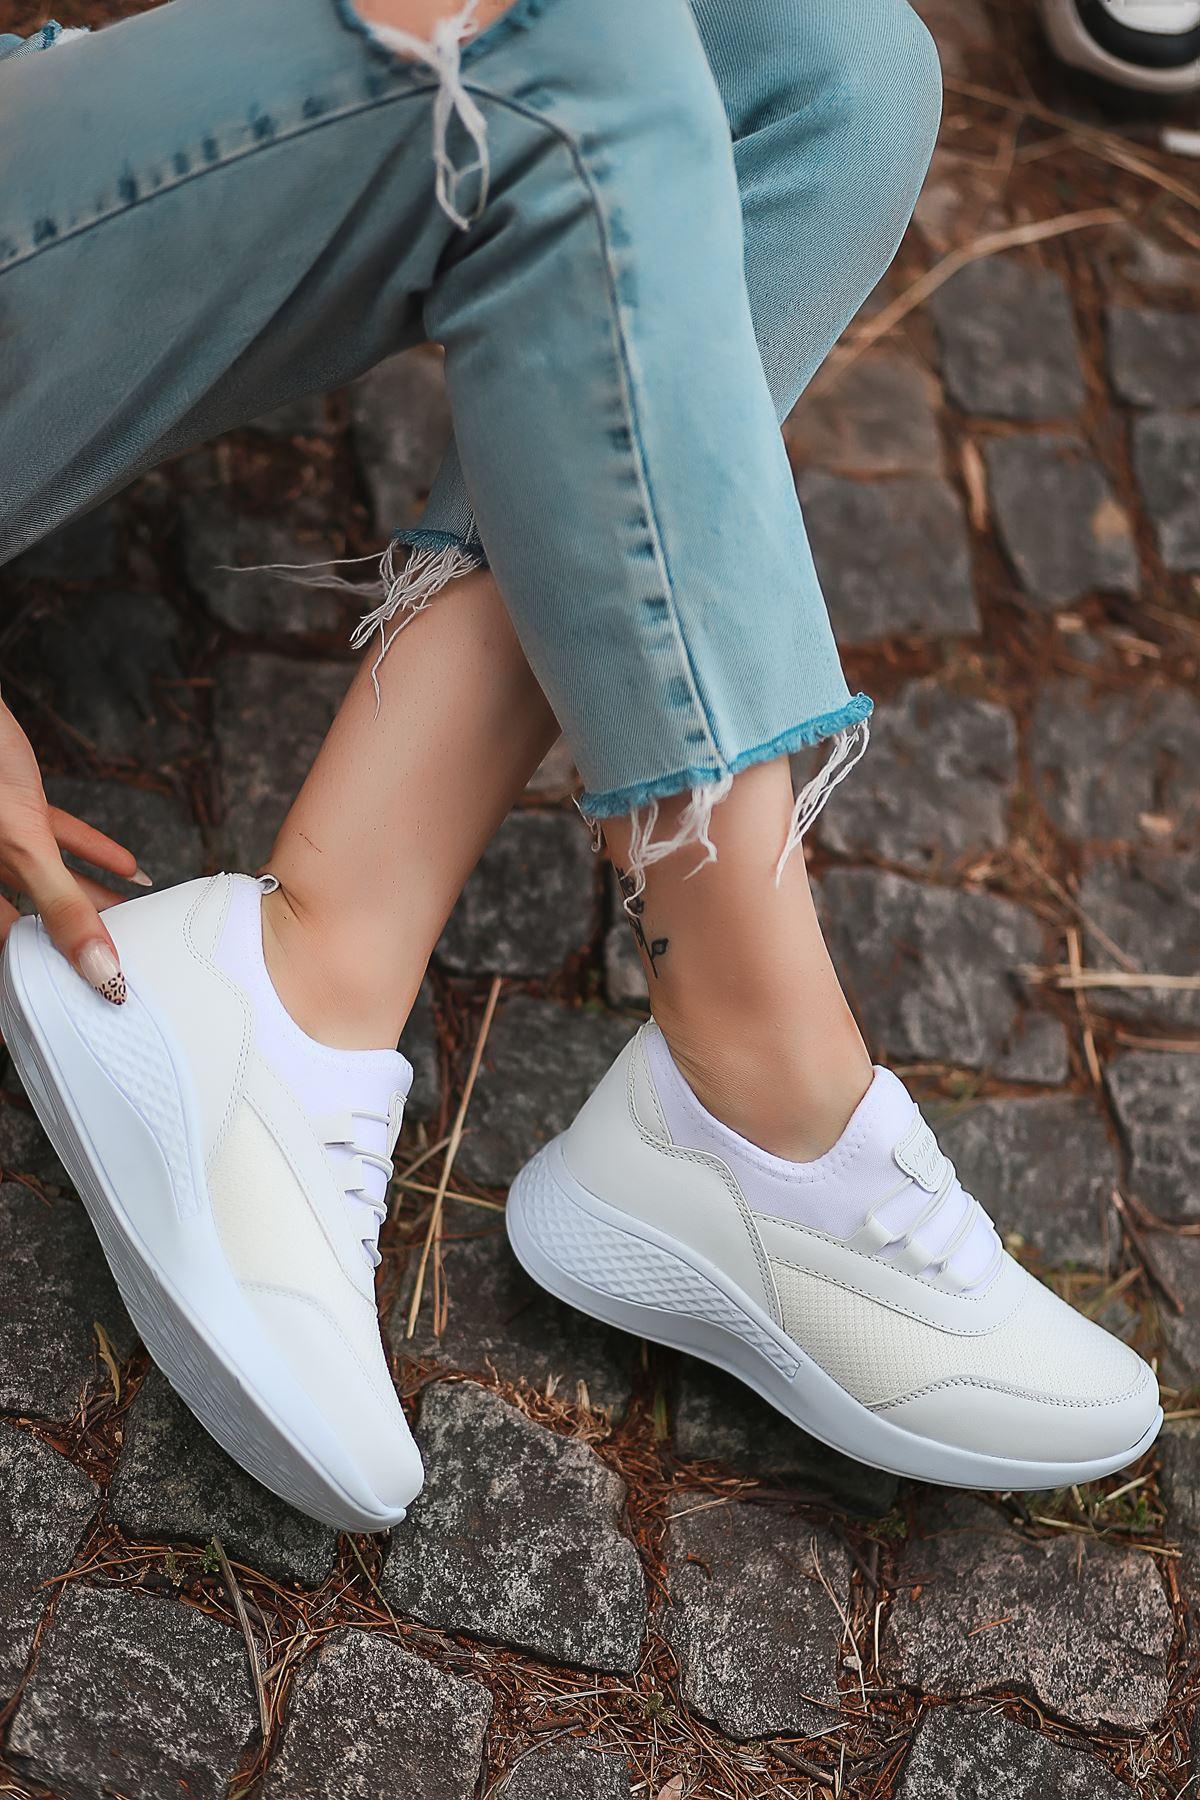 Armenno File Detay Beyaz Kadın Spor Ayakkabı